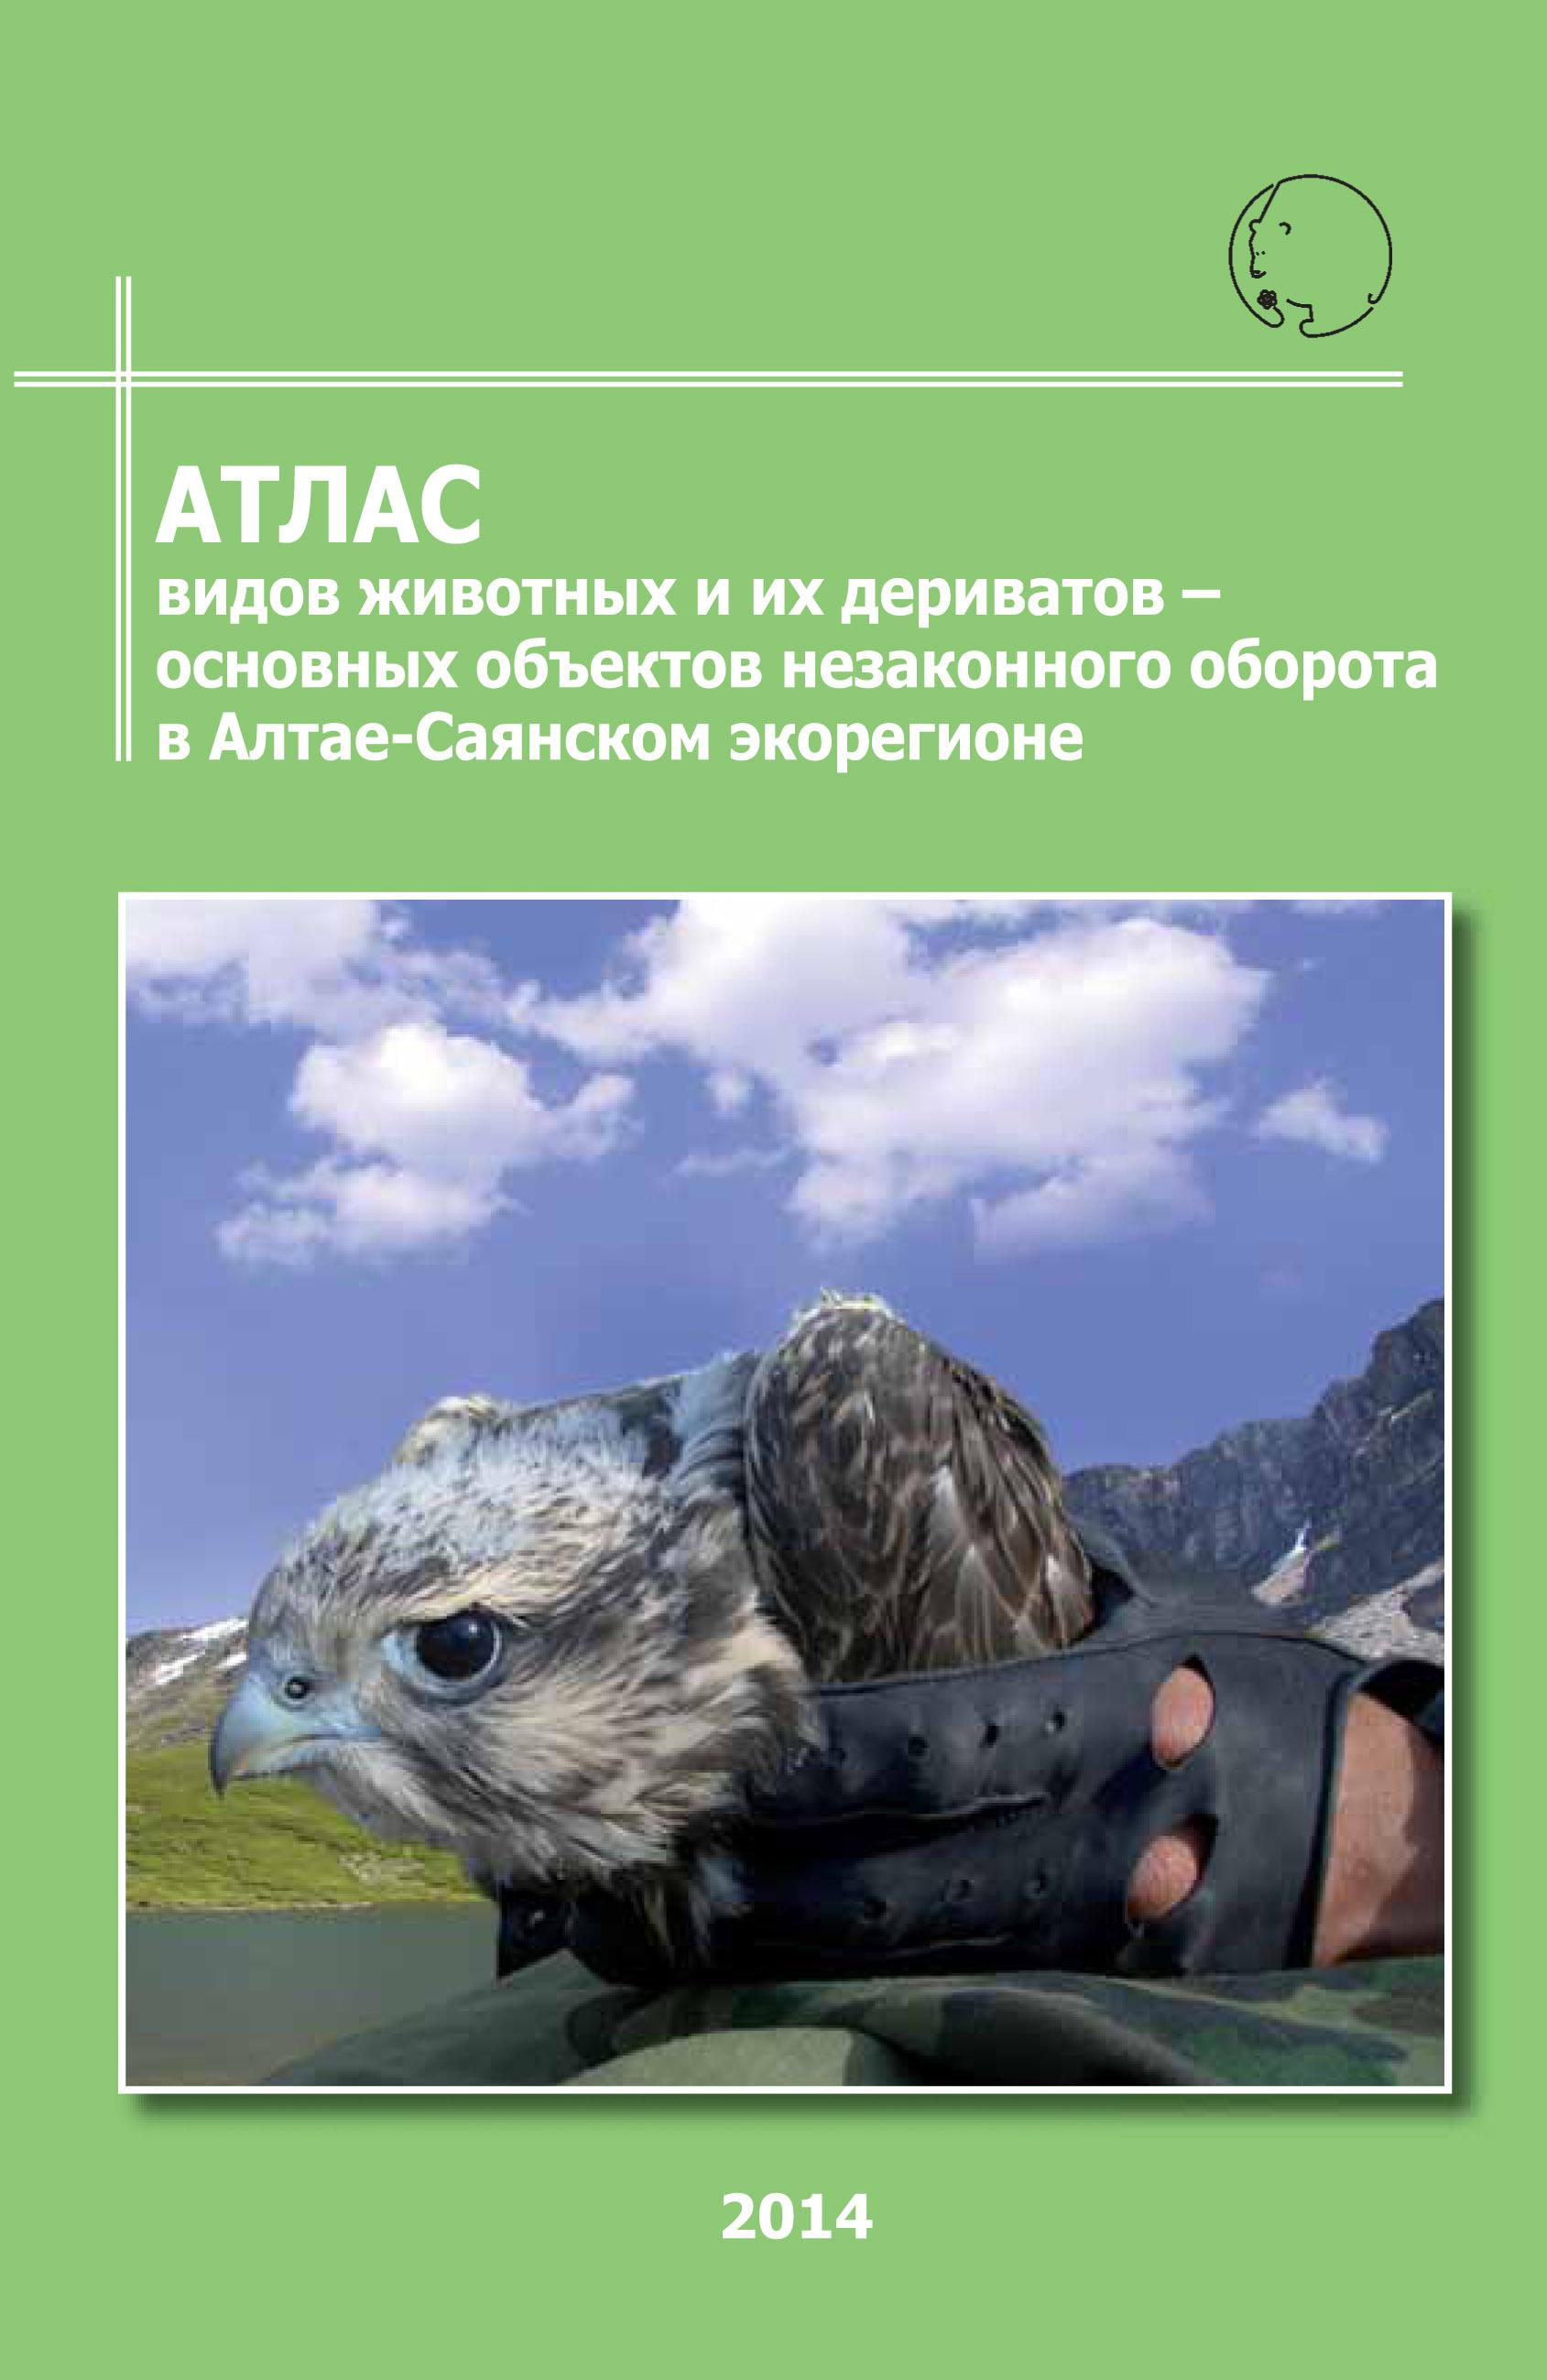 Атлас видов животных и их дериватов – основных объектов незаконного оборота в Алтае-Саянском регионе